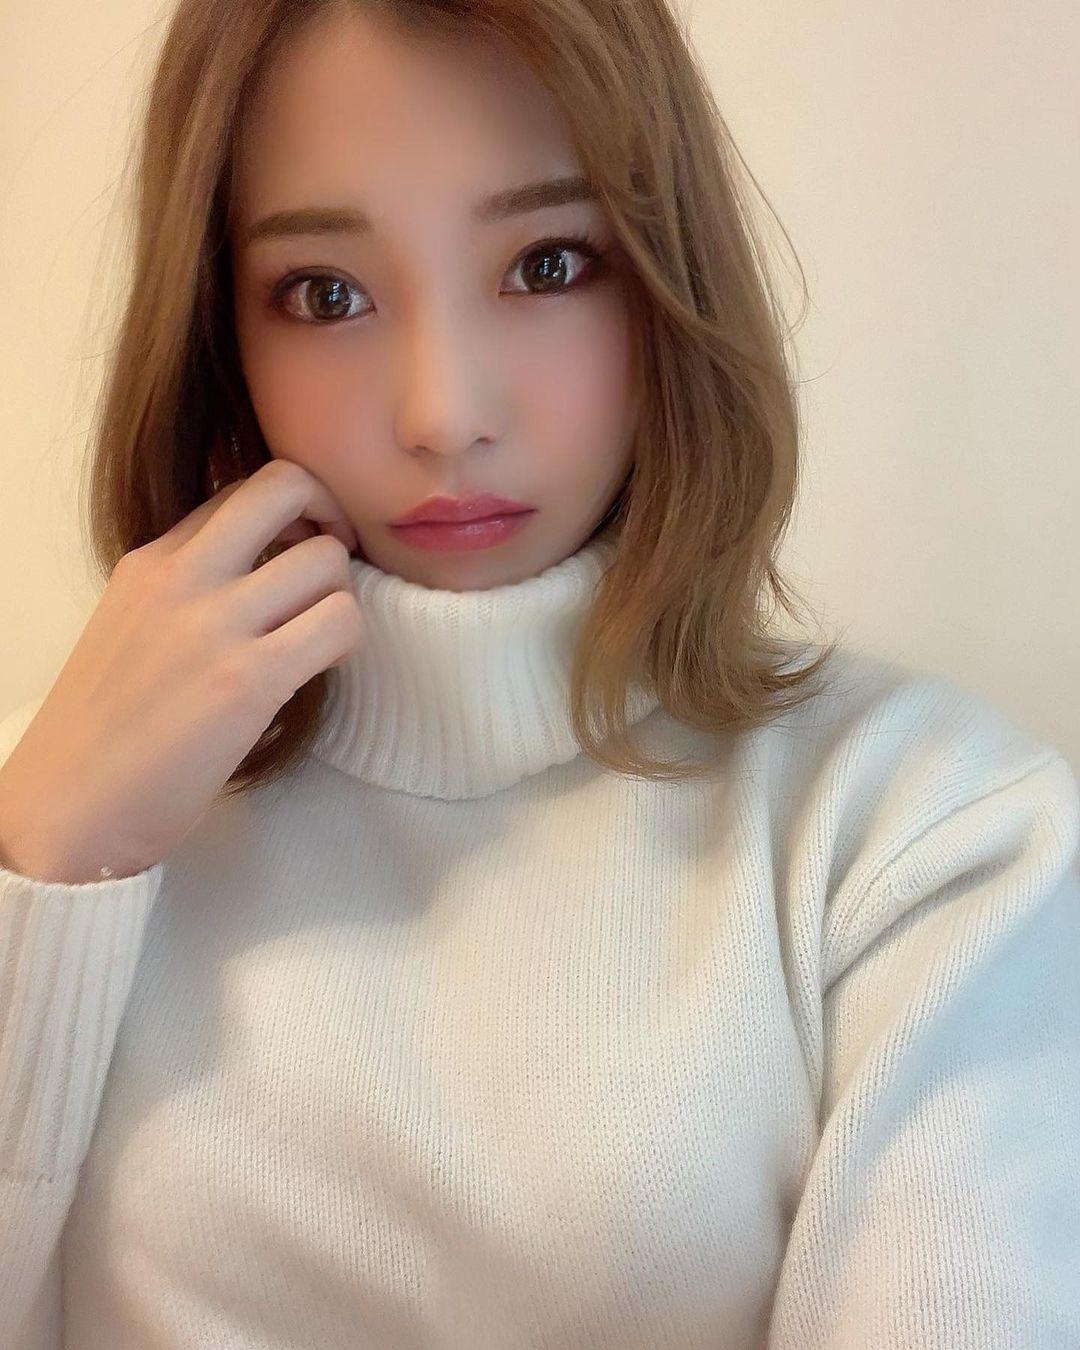 ishihara_yuriko203.jpg